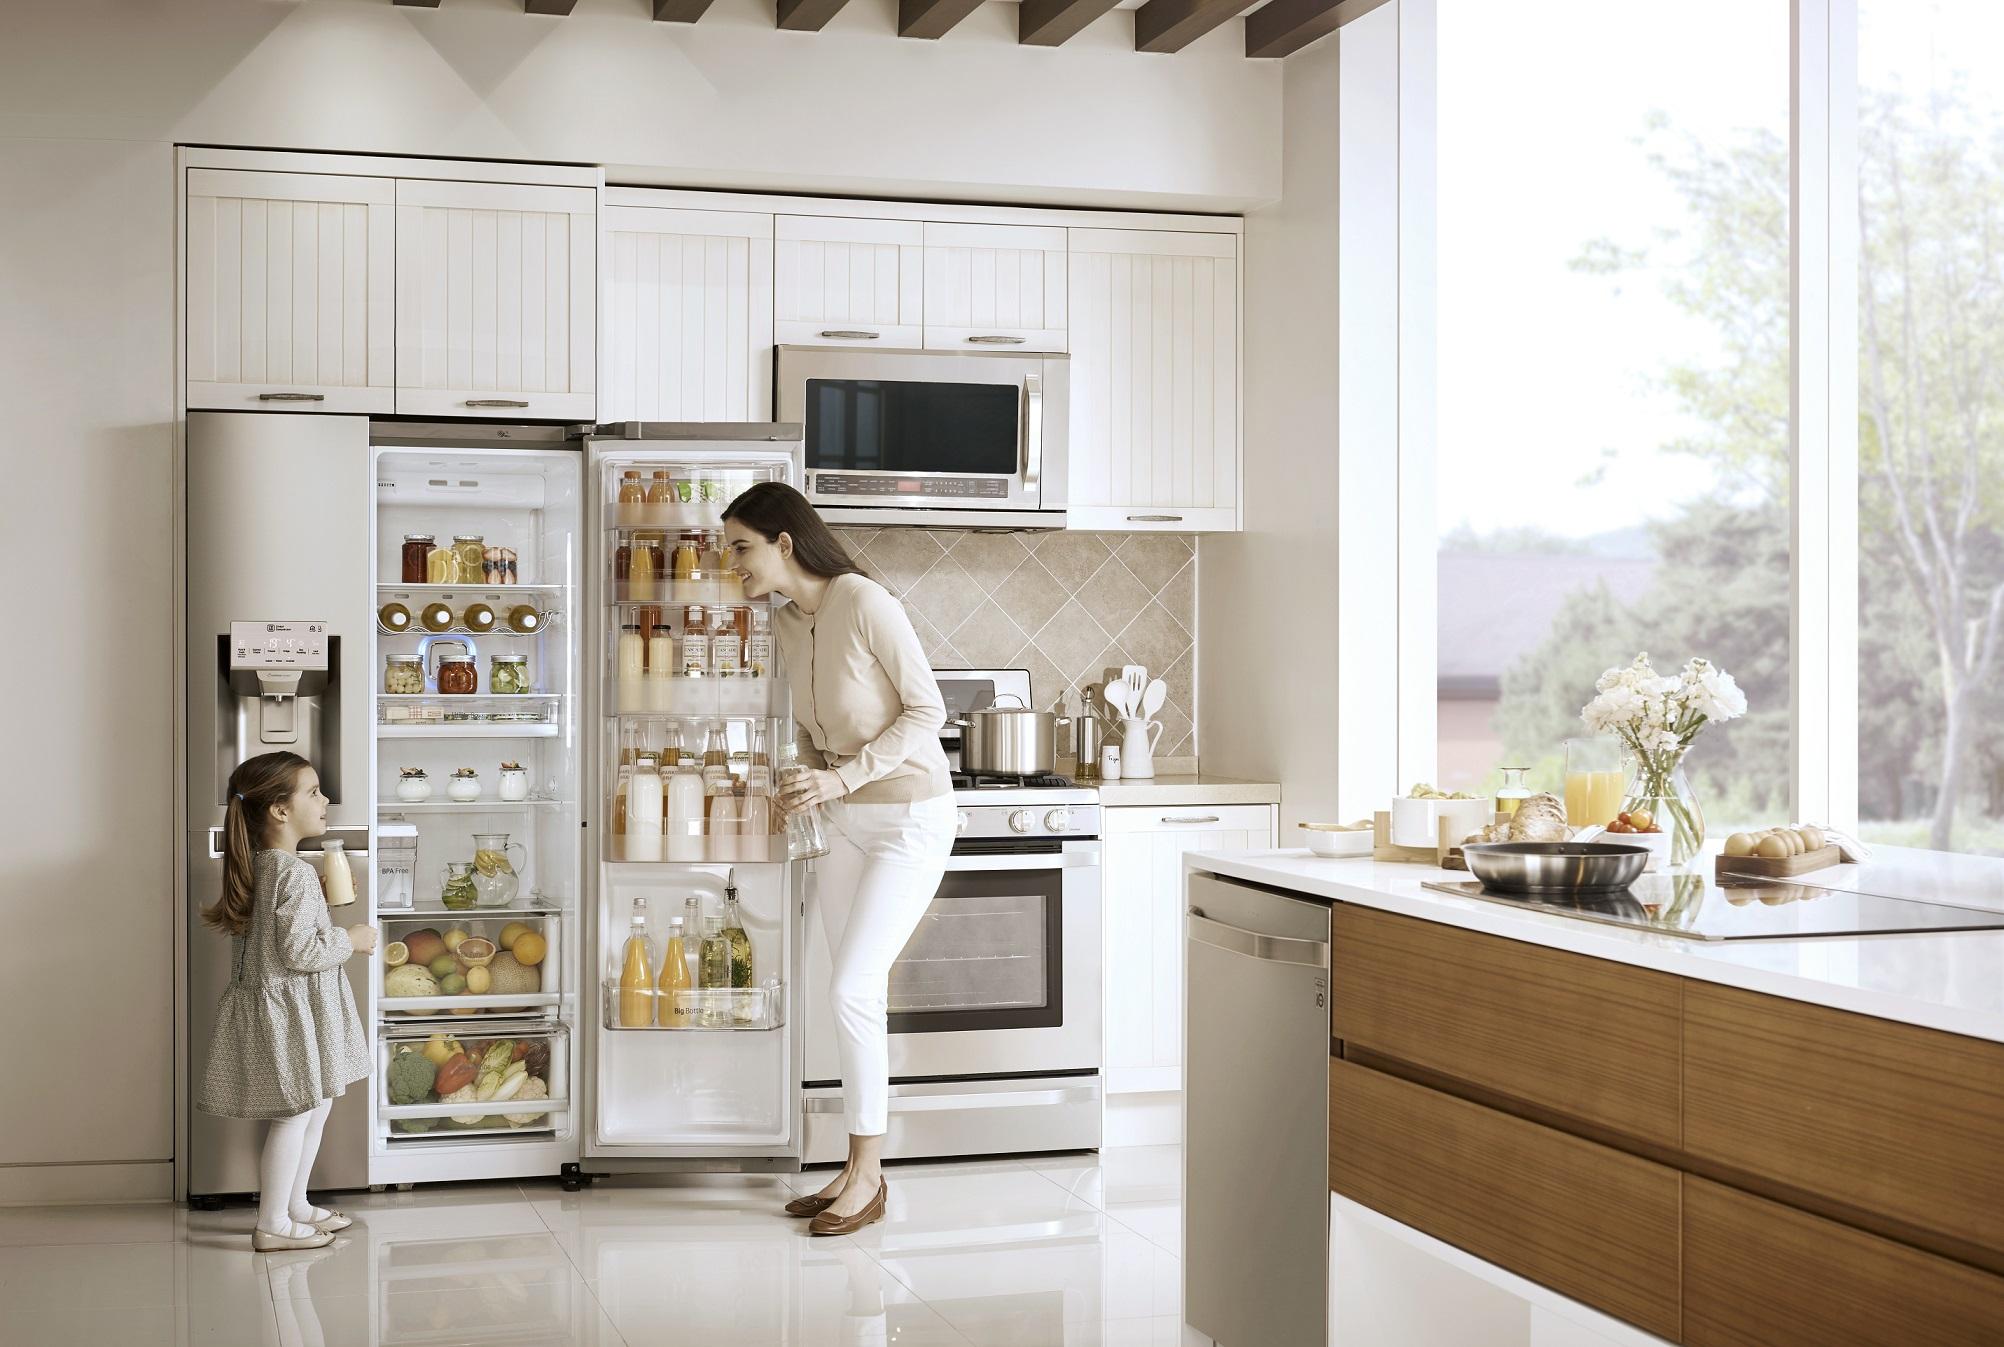 Side By Side Kühlschrank Sprudelwasser : Lg erneuert sein side by side kühlgeräteangebot mit